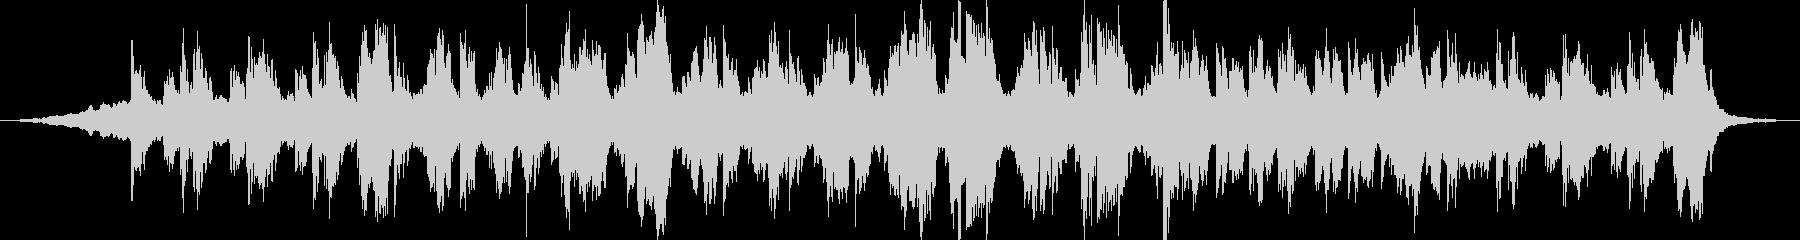 映画をイメージした何かの始まり的な曲ですの未再生の波形